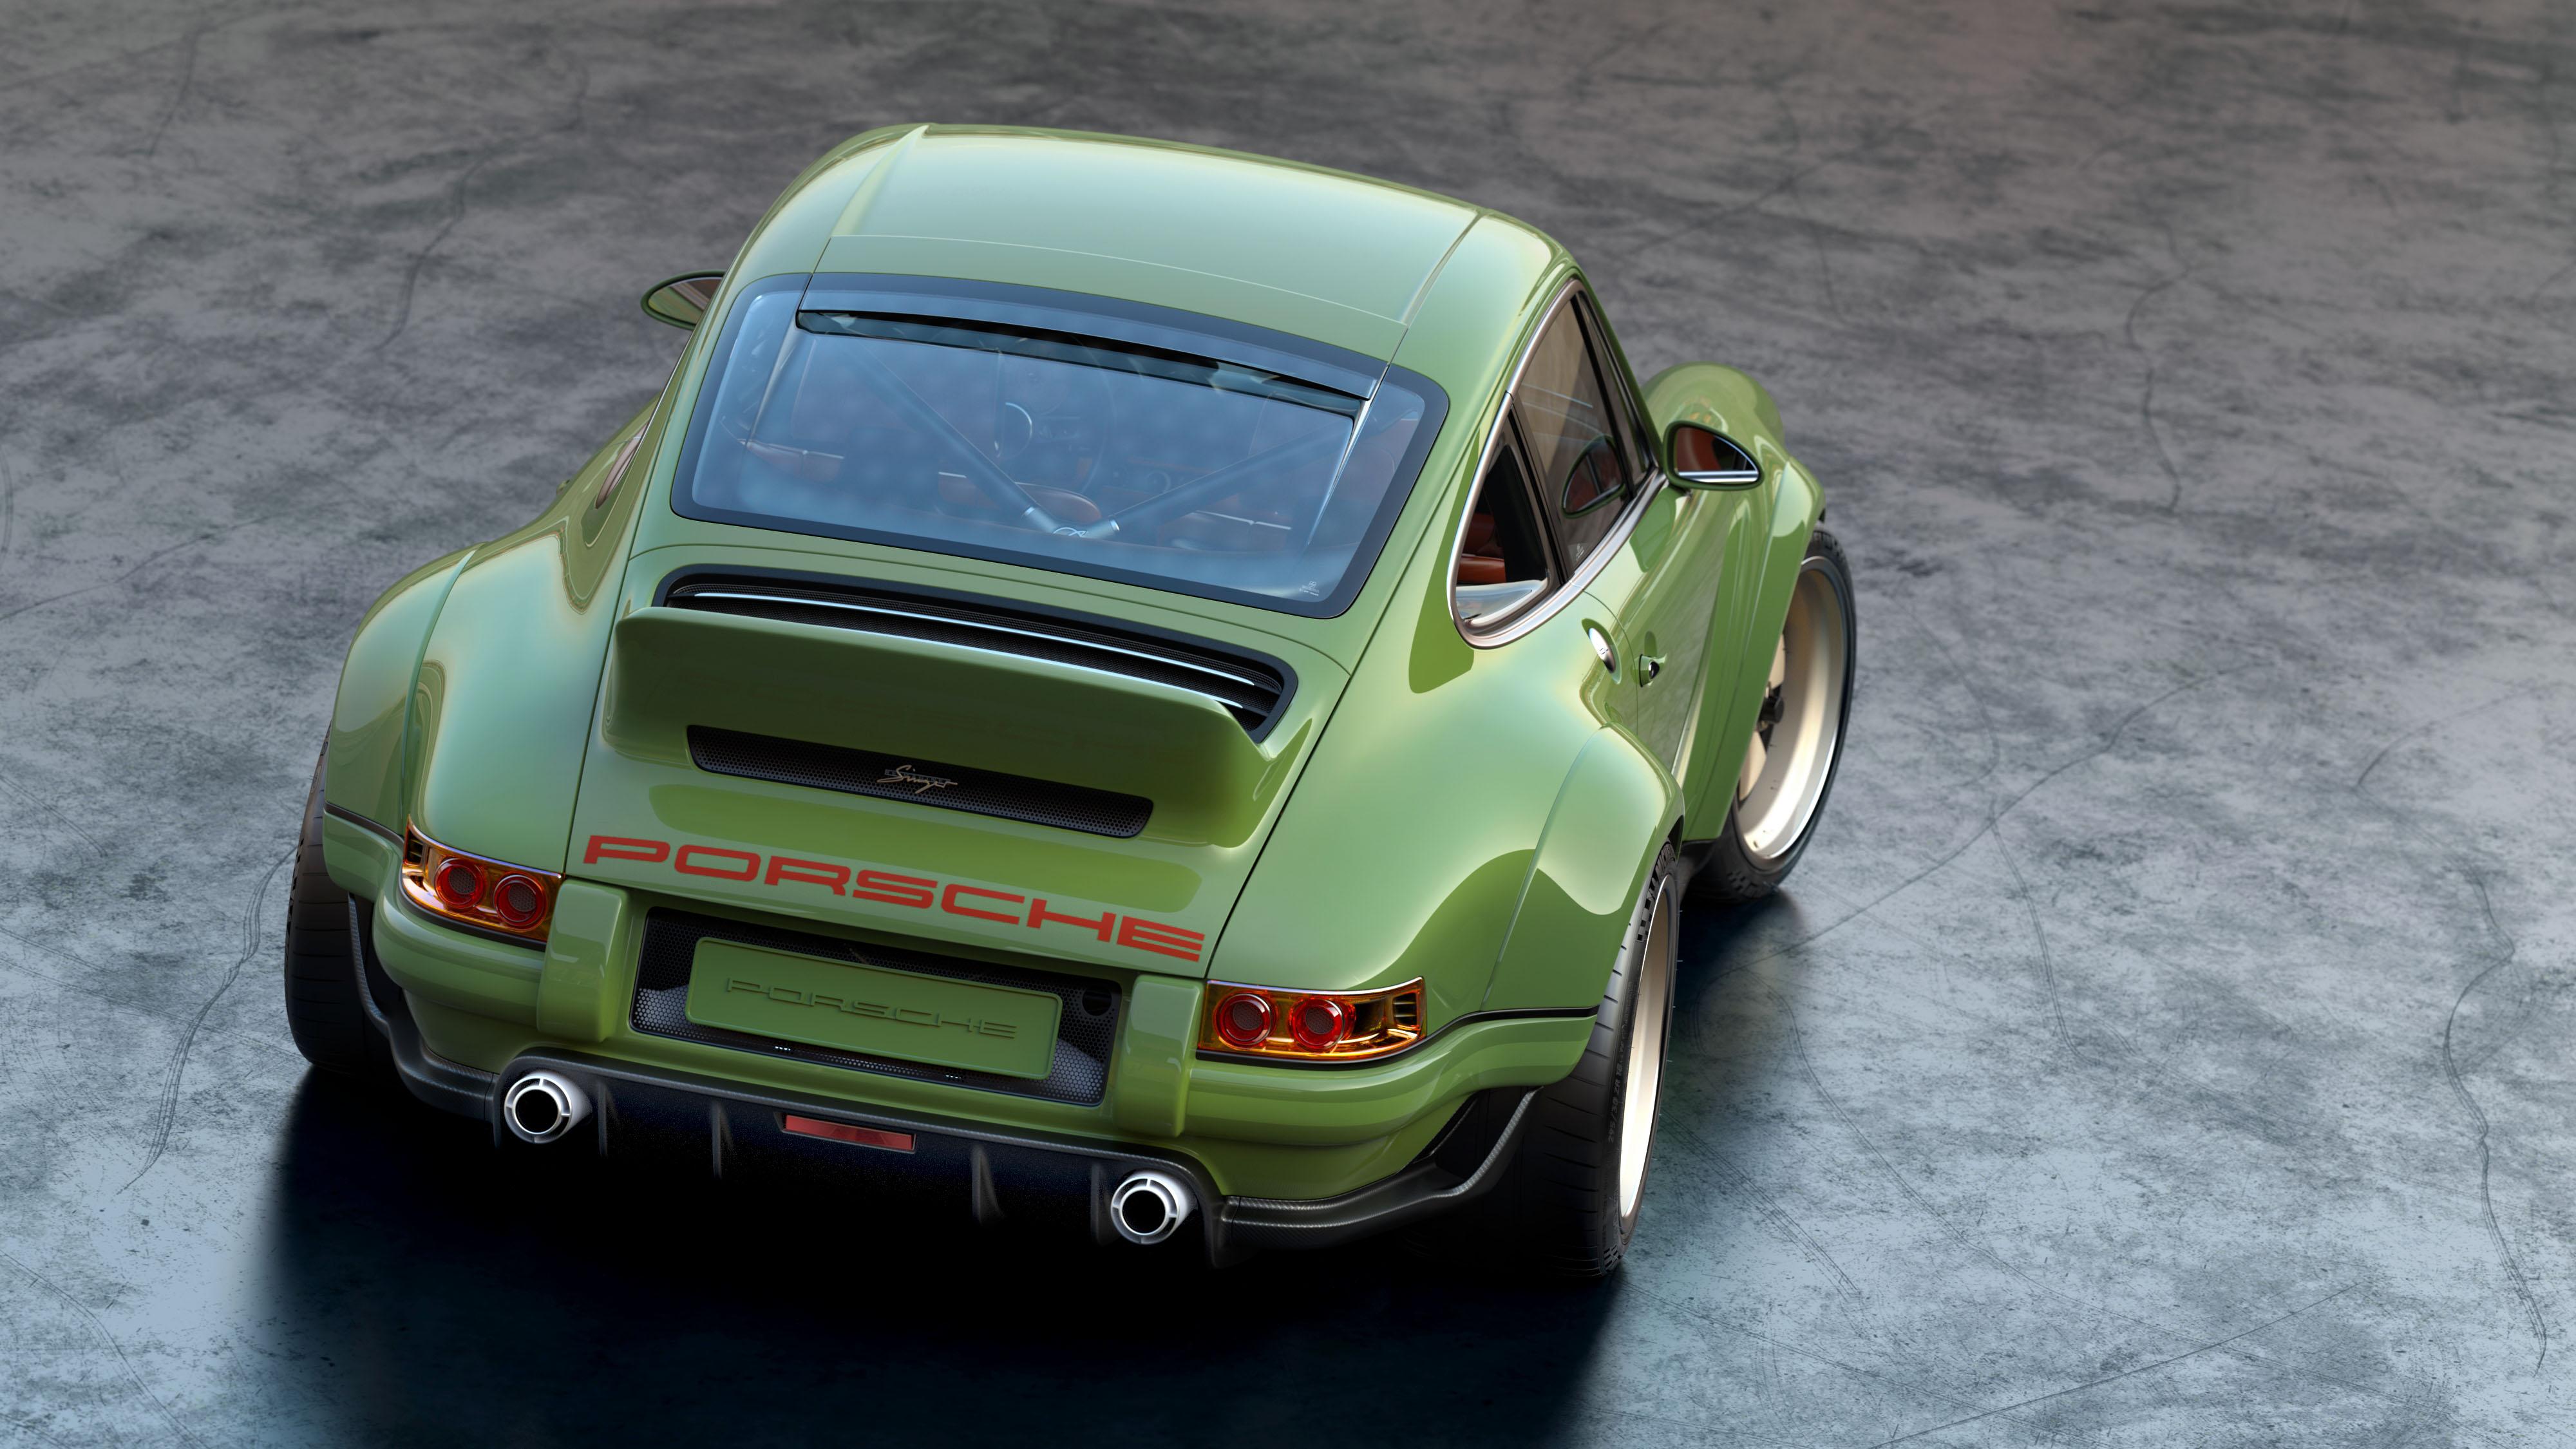 Porsche 911 restored by Singer & Williams rear